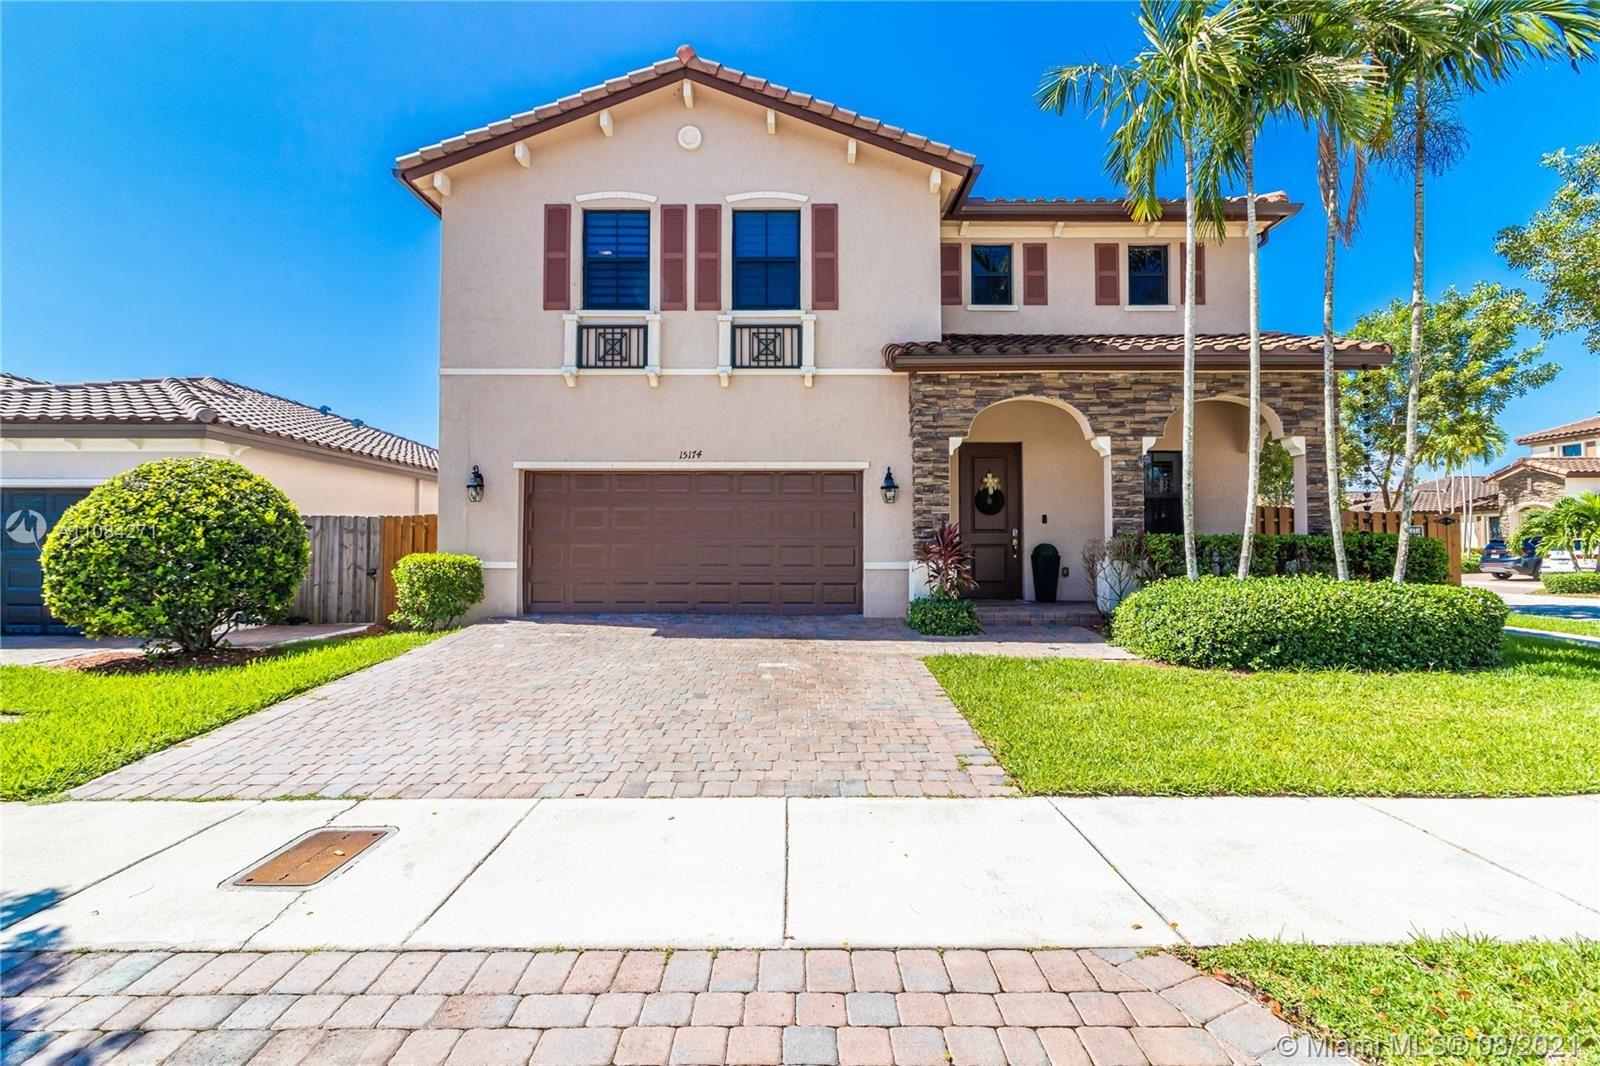 15174 SW 118th St, Miami, FL 33196 - #: A11084271